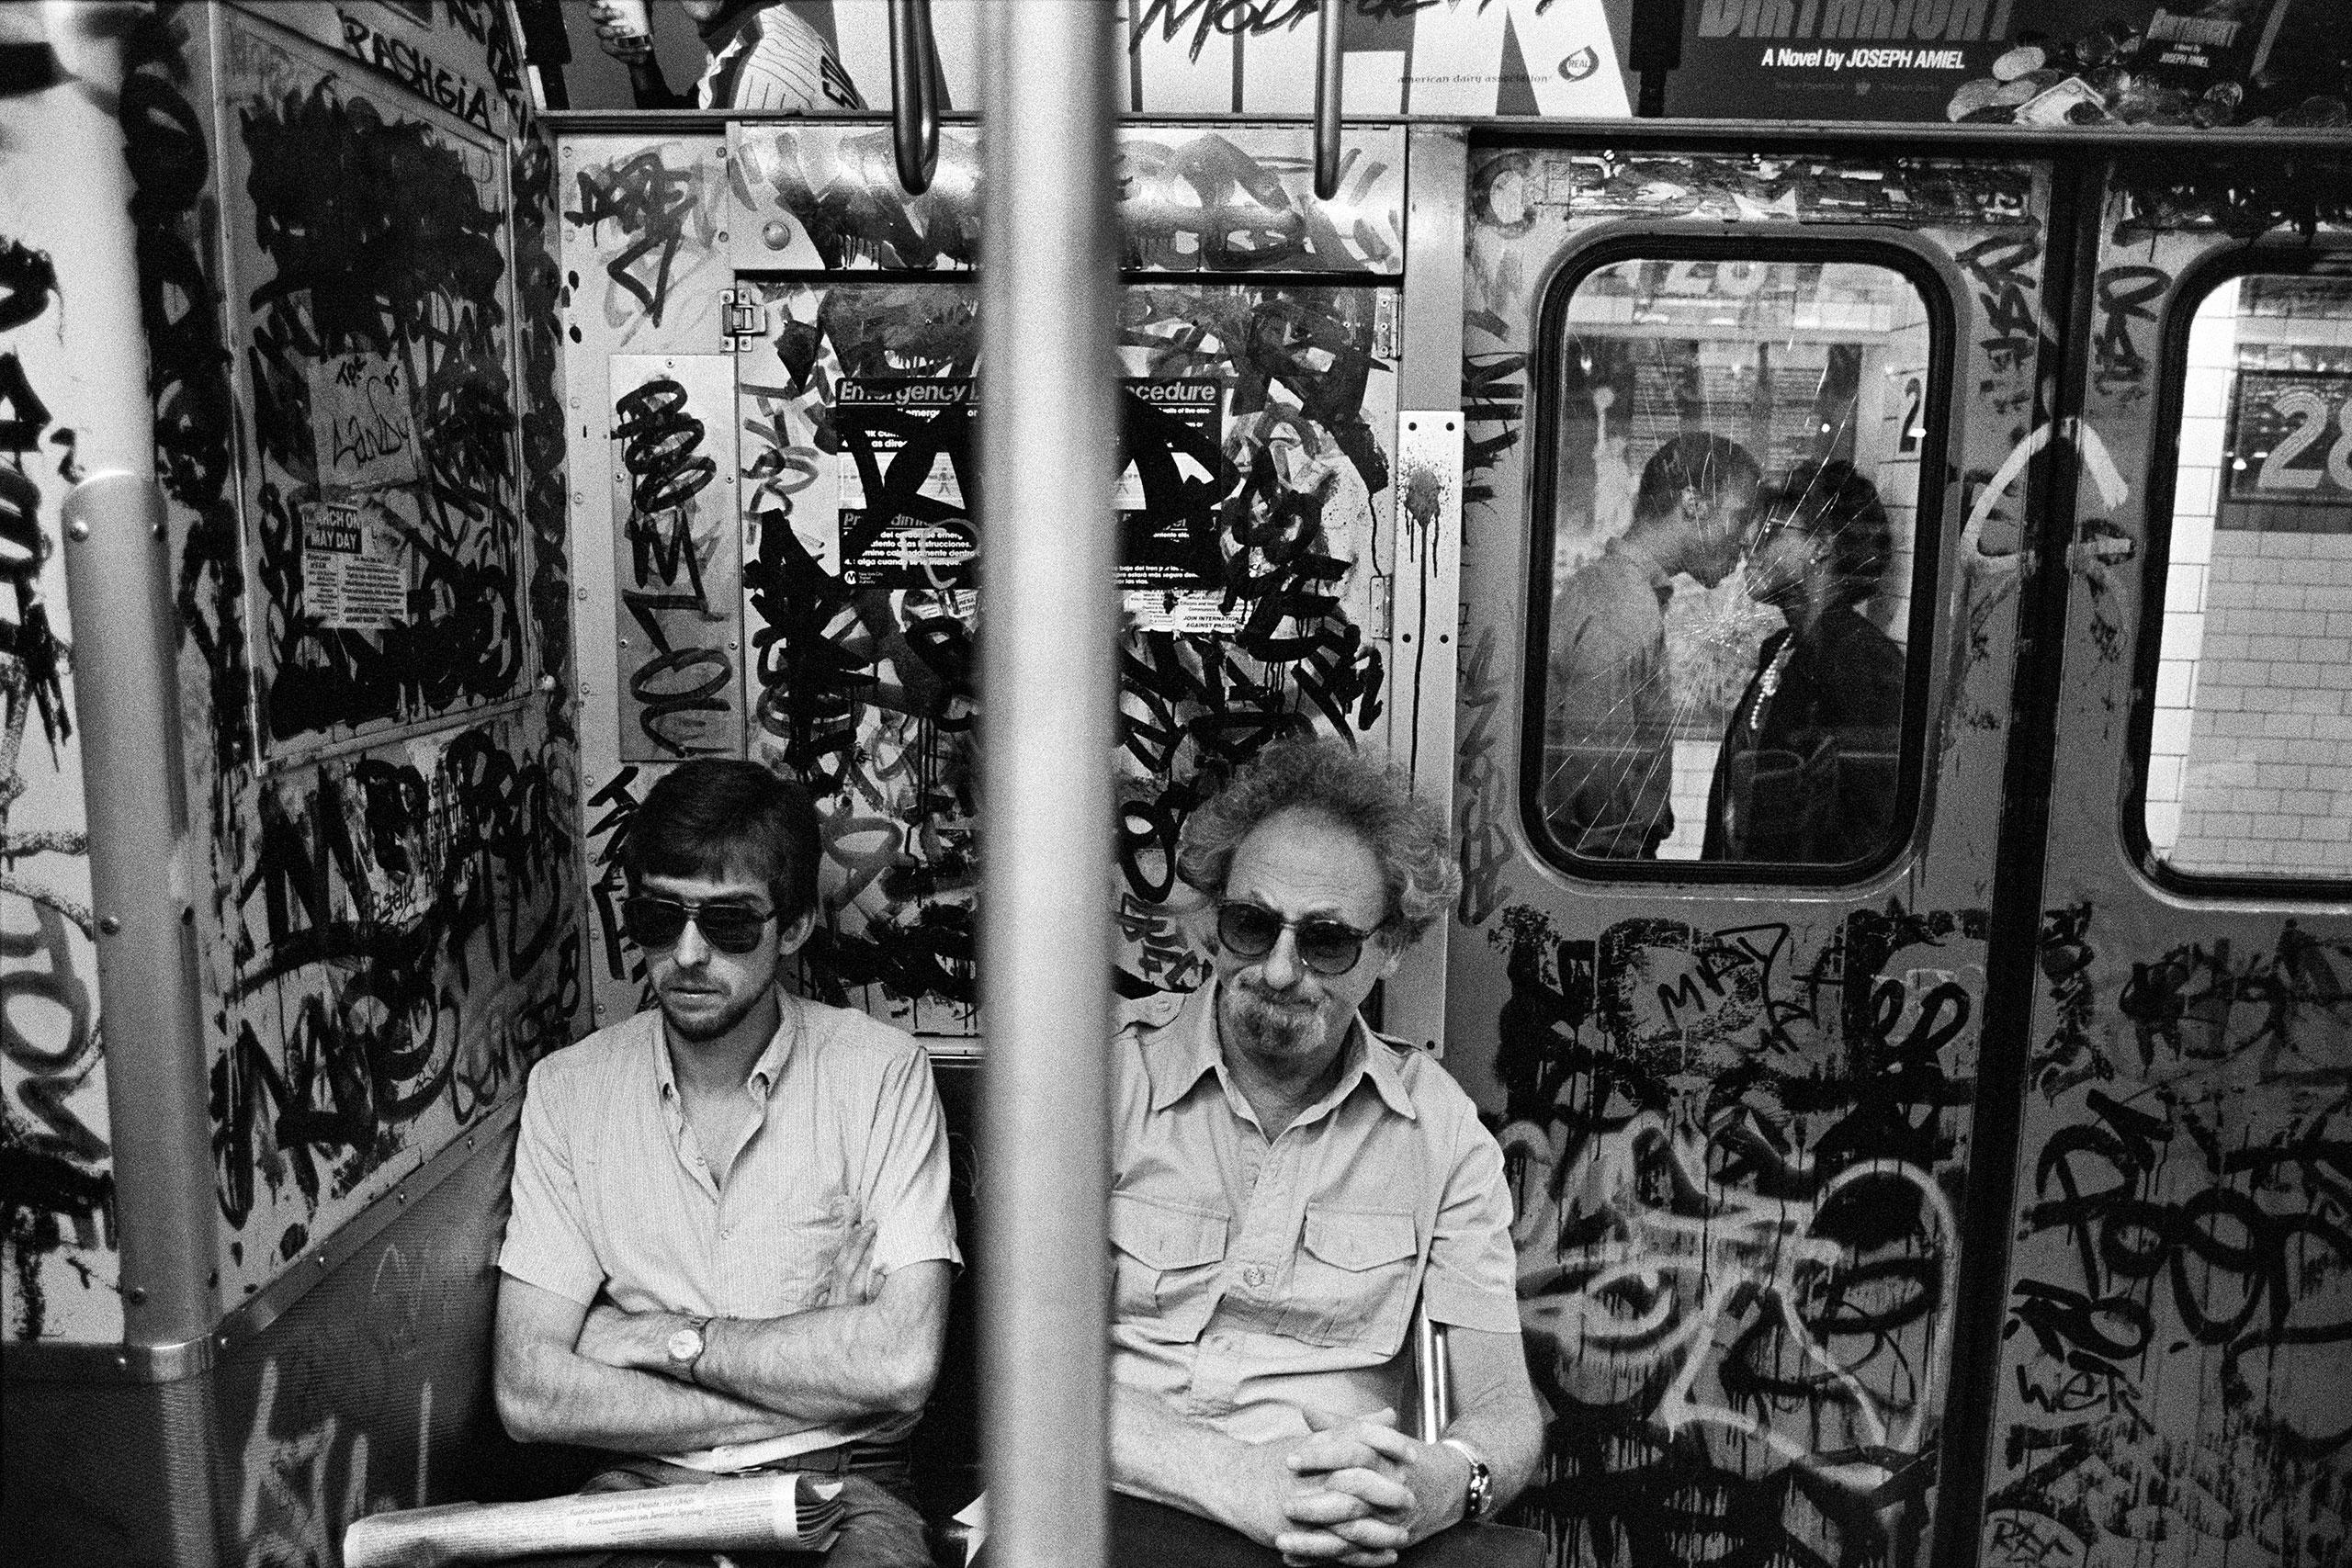 Subway Kiss, NYC, 1987